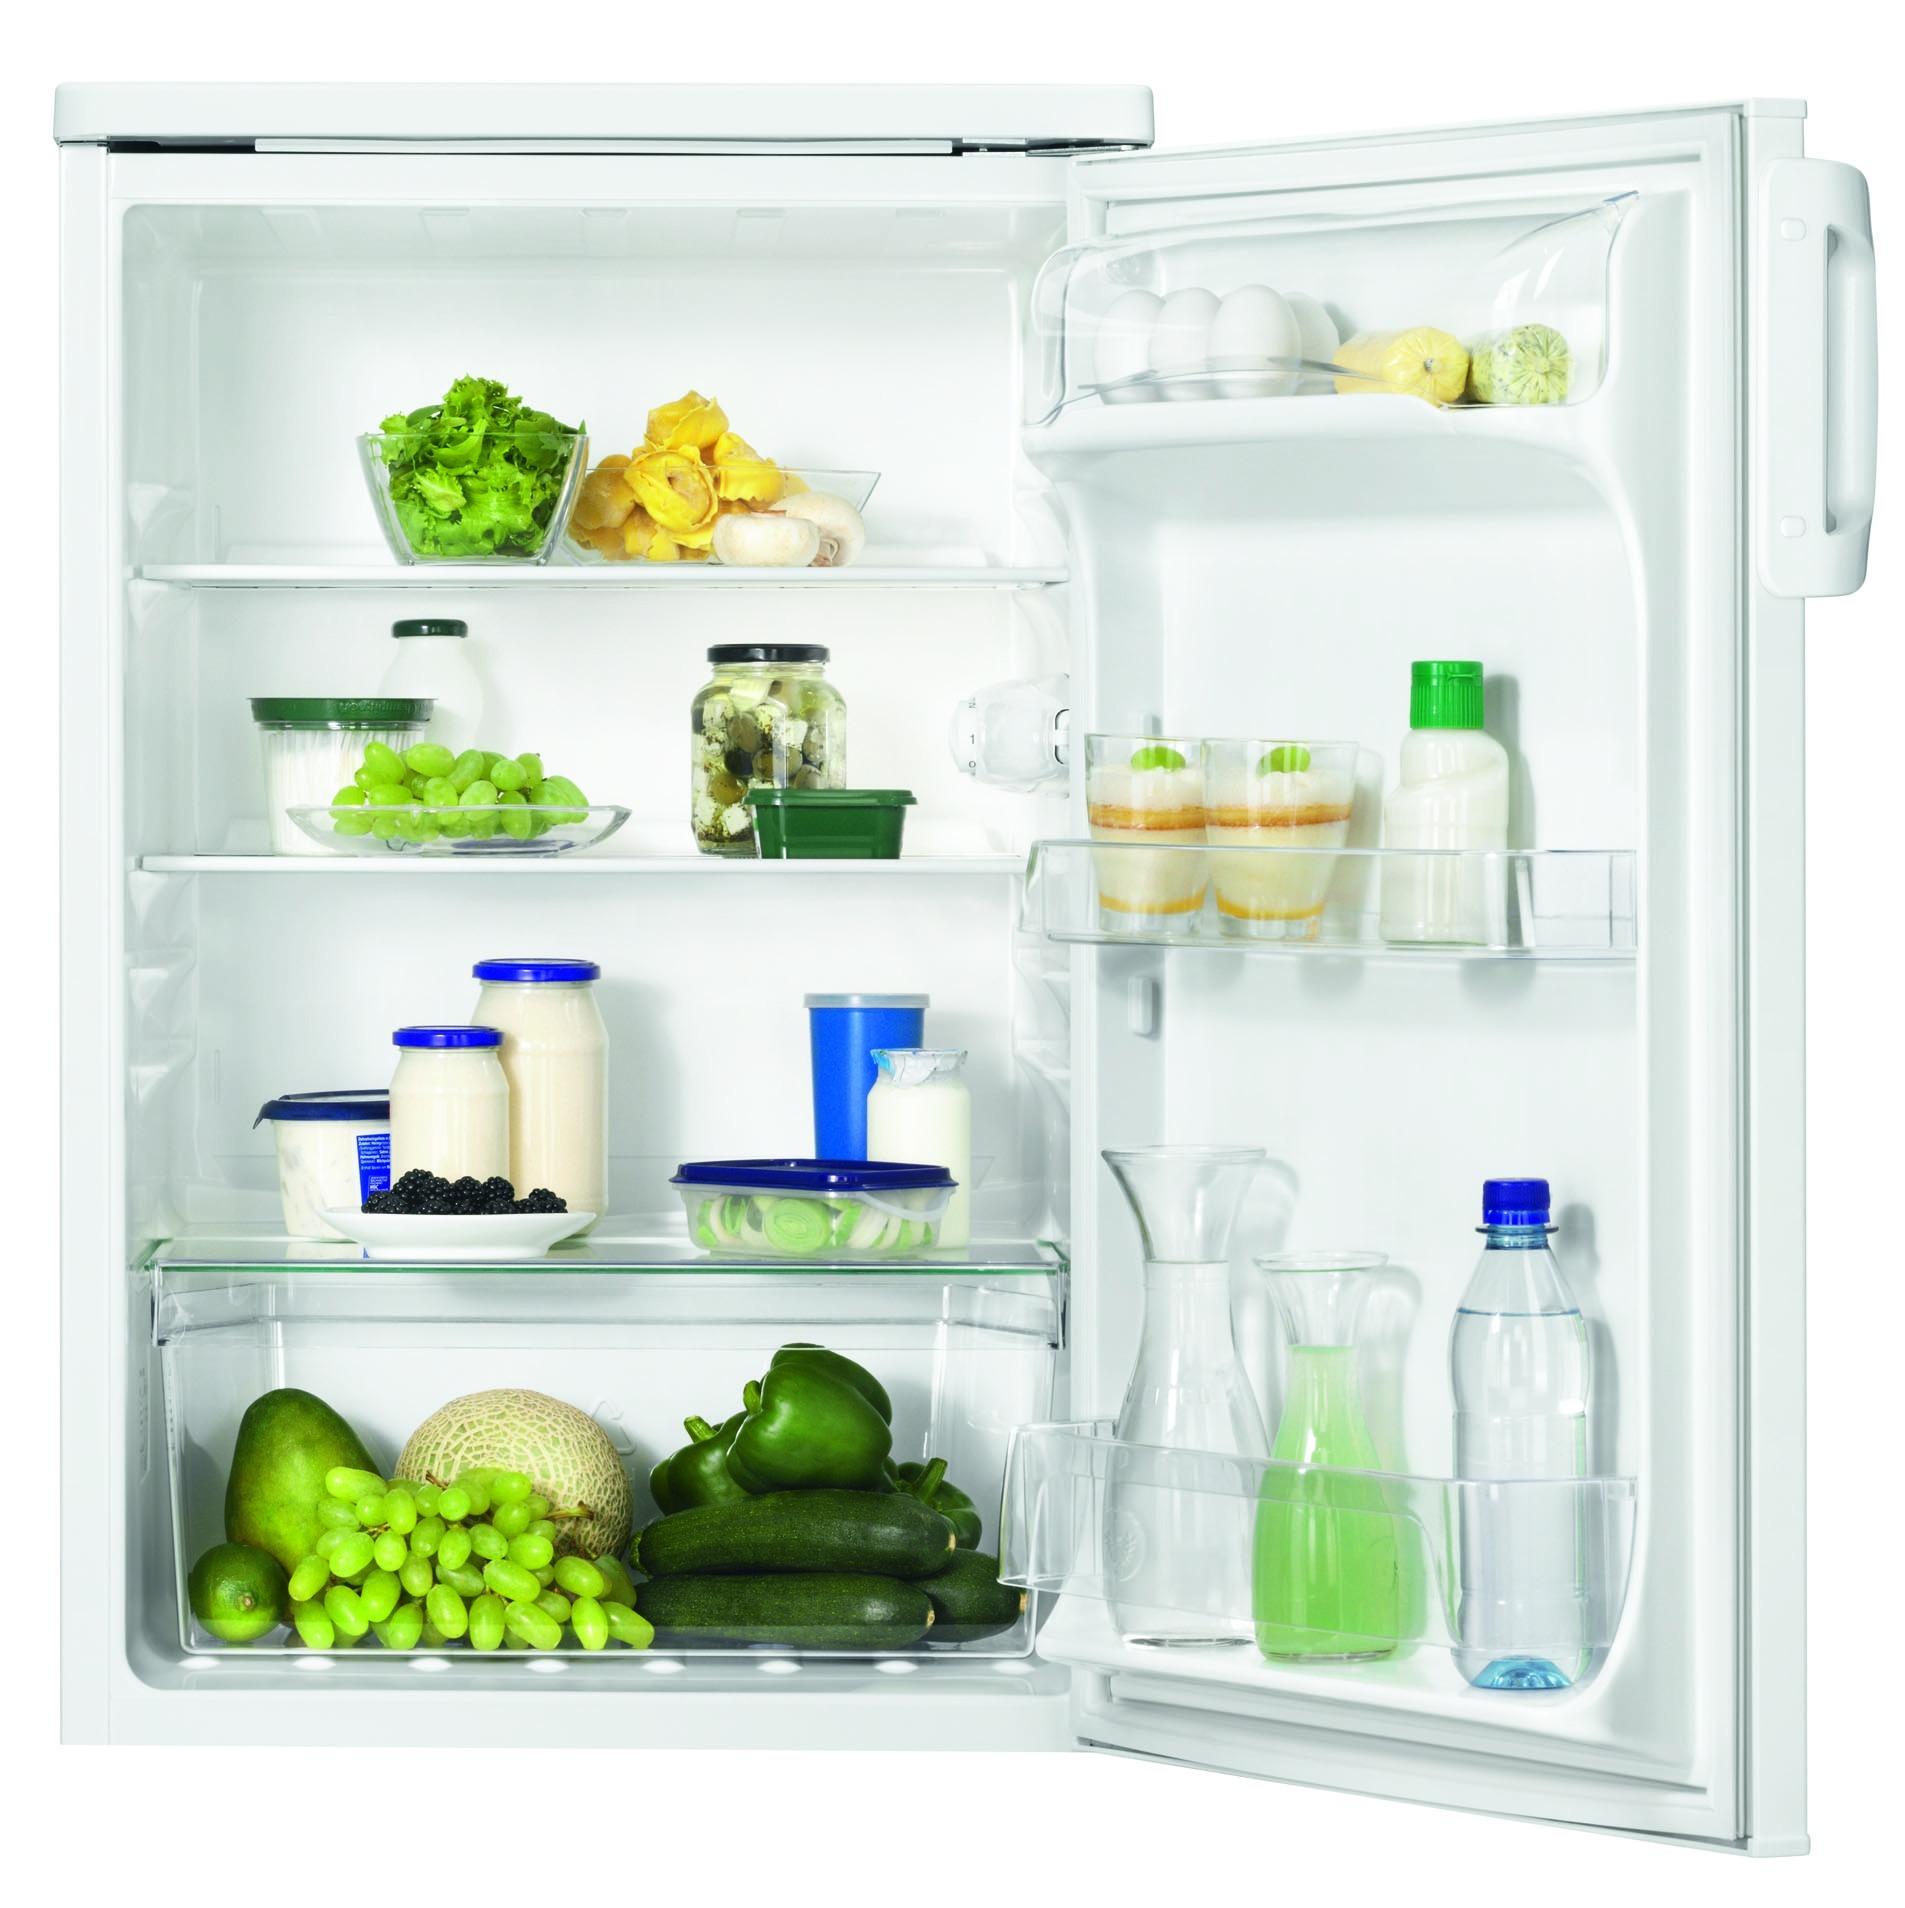 Korting Zanussi ZRG16607WA koelkast zonder vriesvak